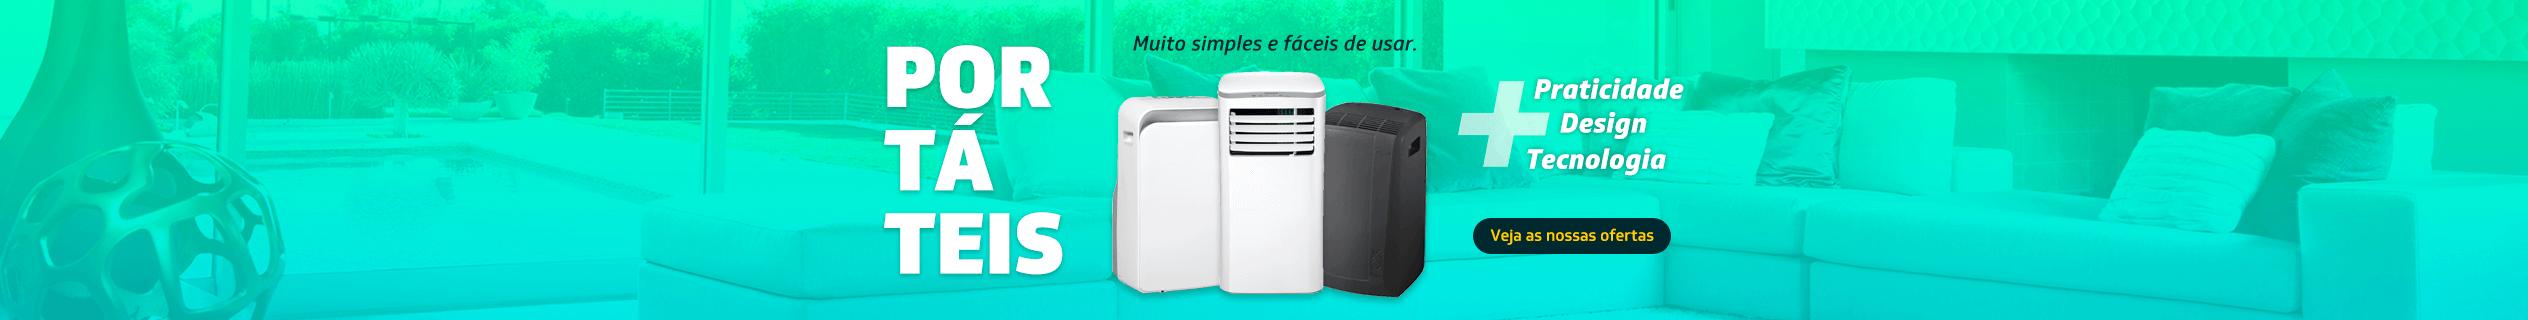 full_banner-desktop-portateis-0801-2701